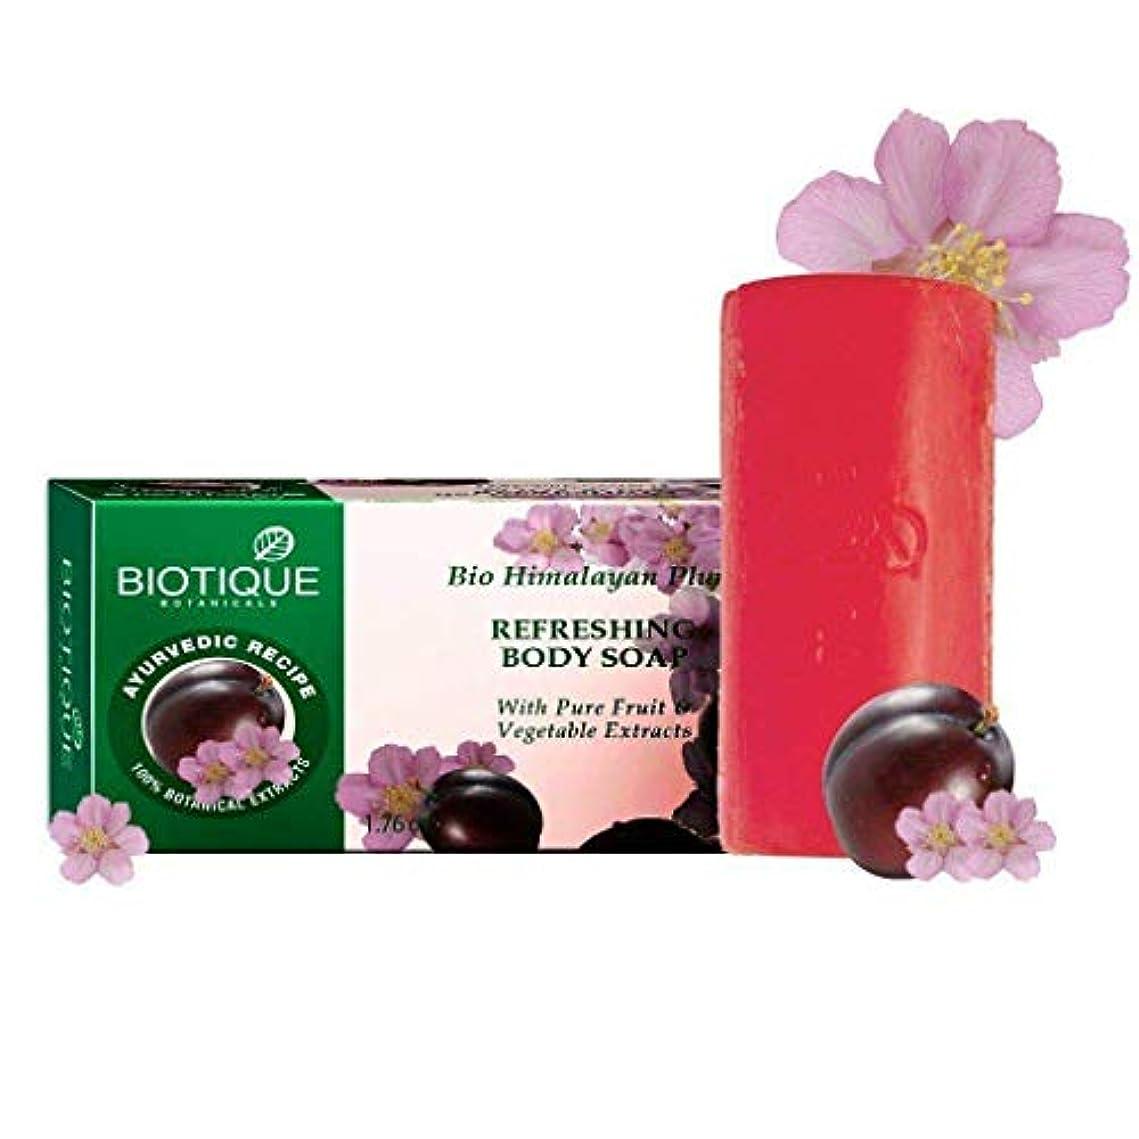 祝う旅スイングBiotique Orange Peel Revitalizing Body Soap 150 gm (Pack of 2) Unique Soap ビオティックオレンジピールリバイタライジングボディソープユニークソープ